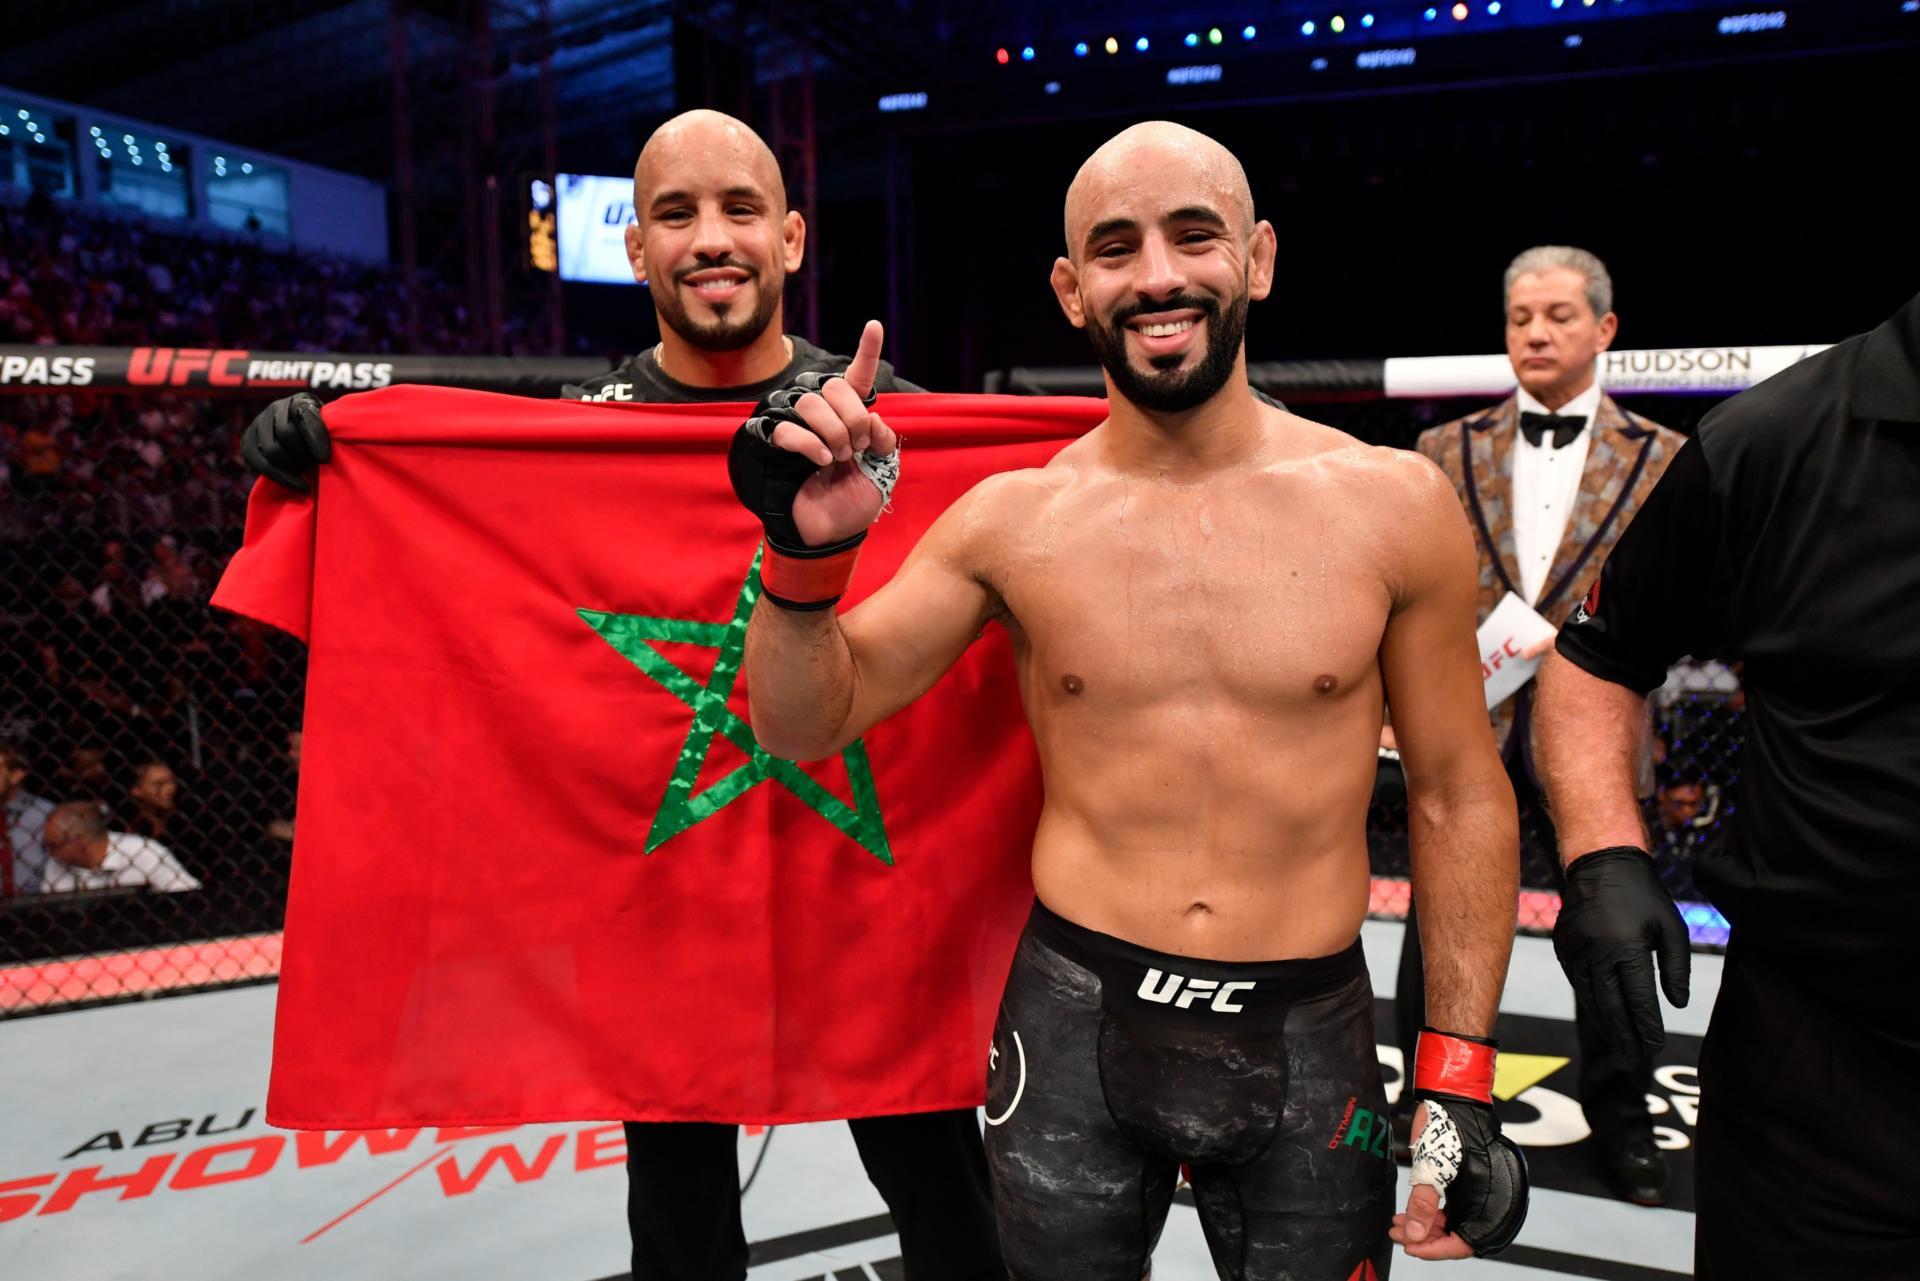 MMA:  Victoire par KO d'Ottman Azaitar face à Khama Worthy